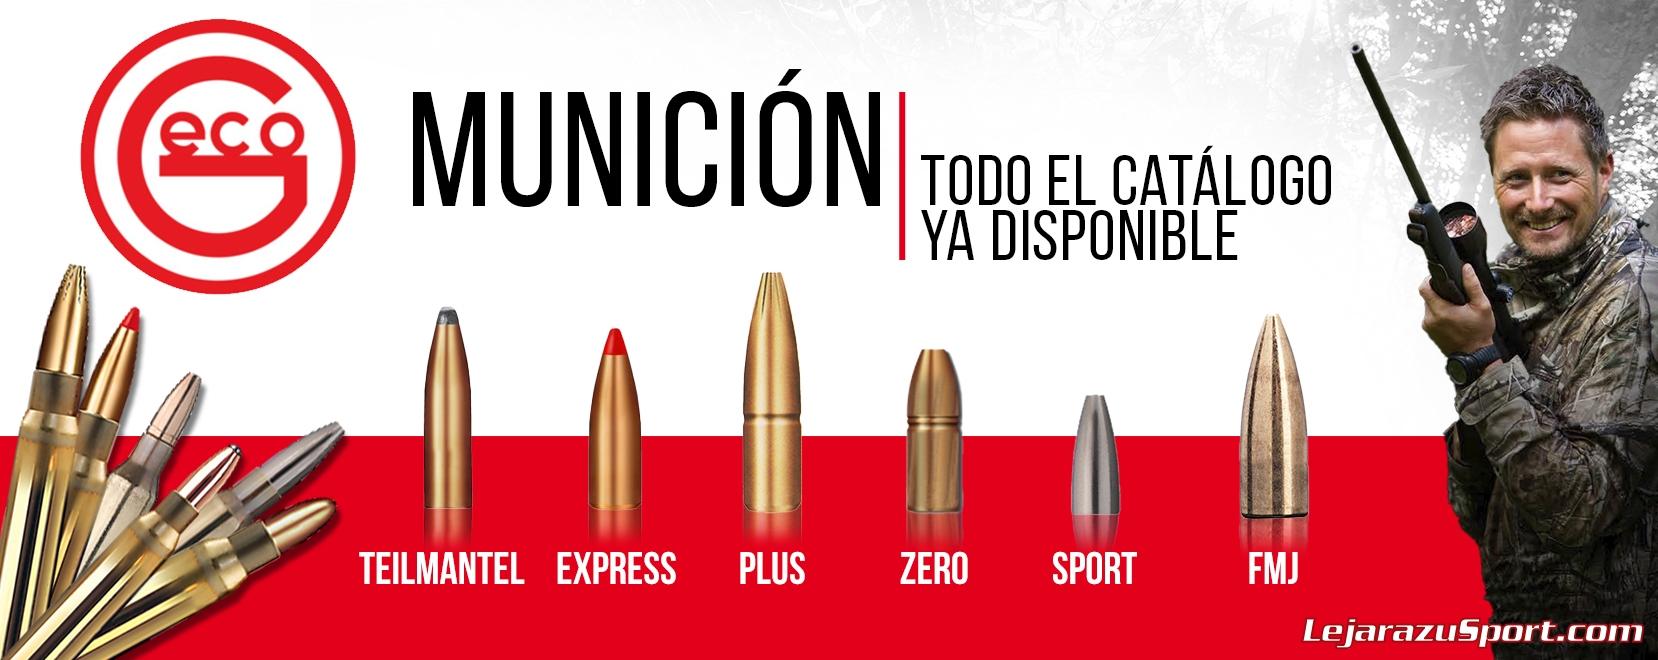 Todas las balas Geco en LejarazuSport.com Munición Geco, Balas Geco, Cartuchos Geco